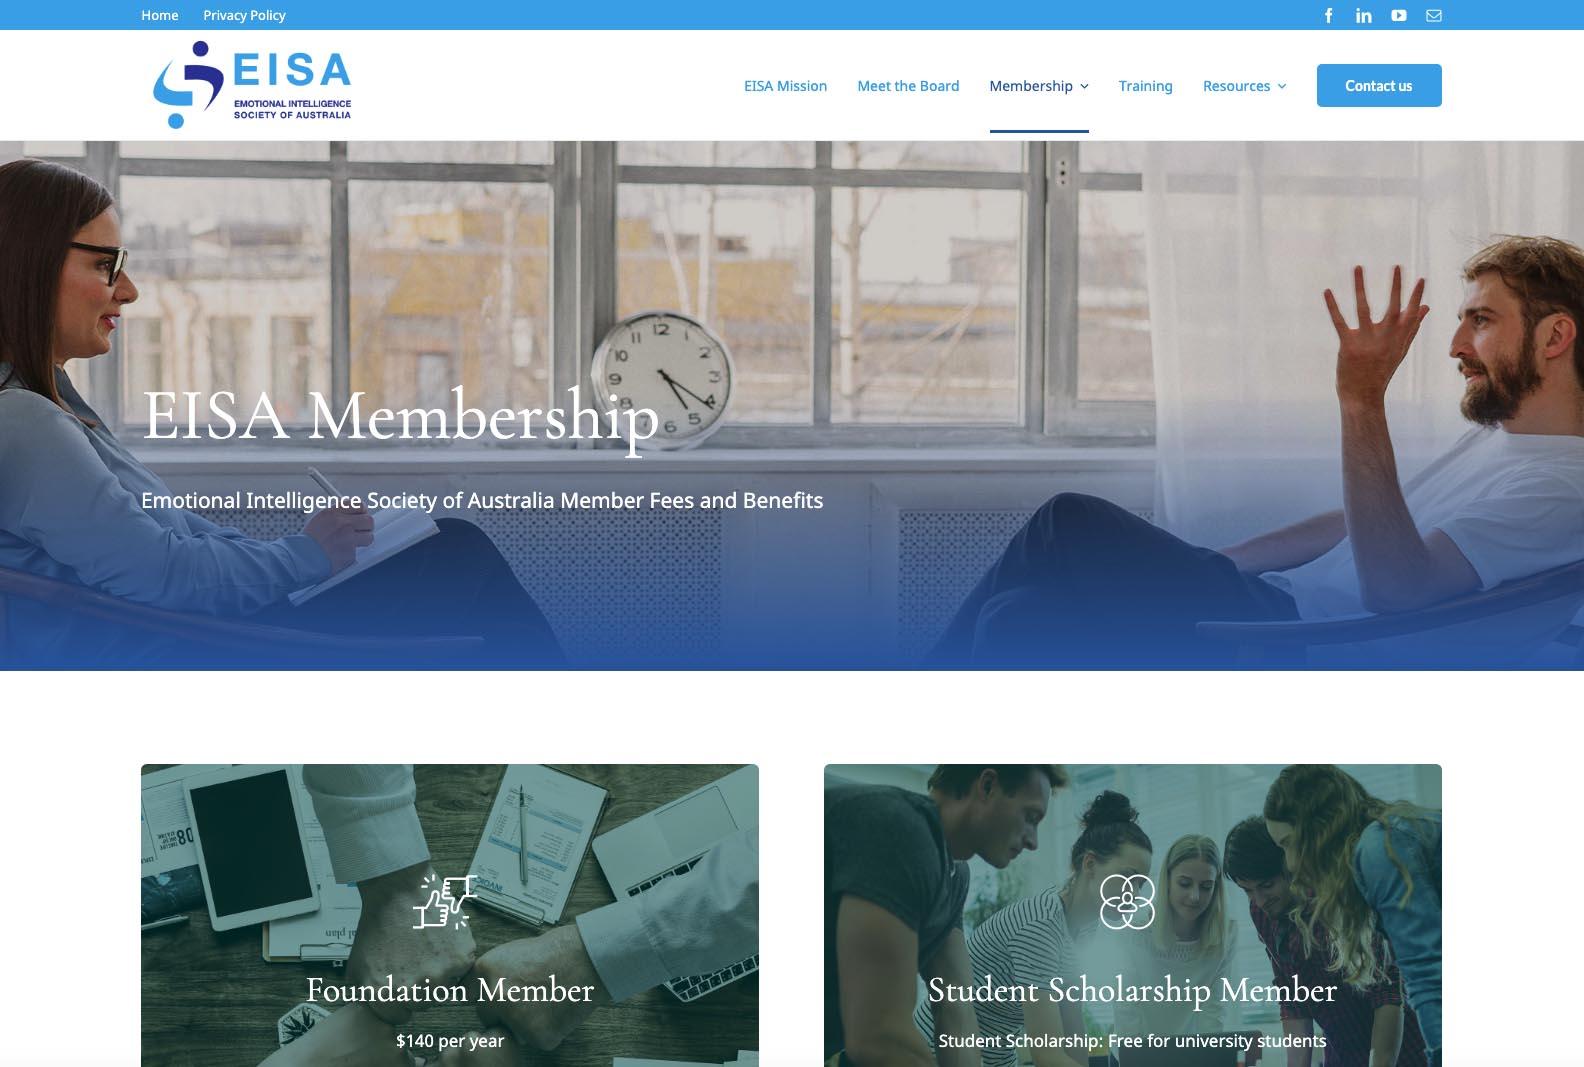 EISA Website memberpage